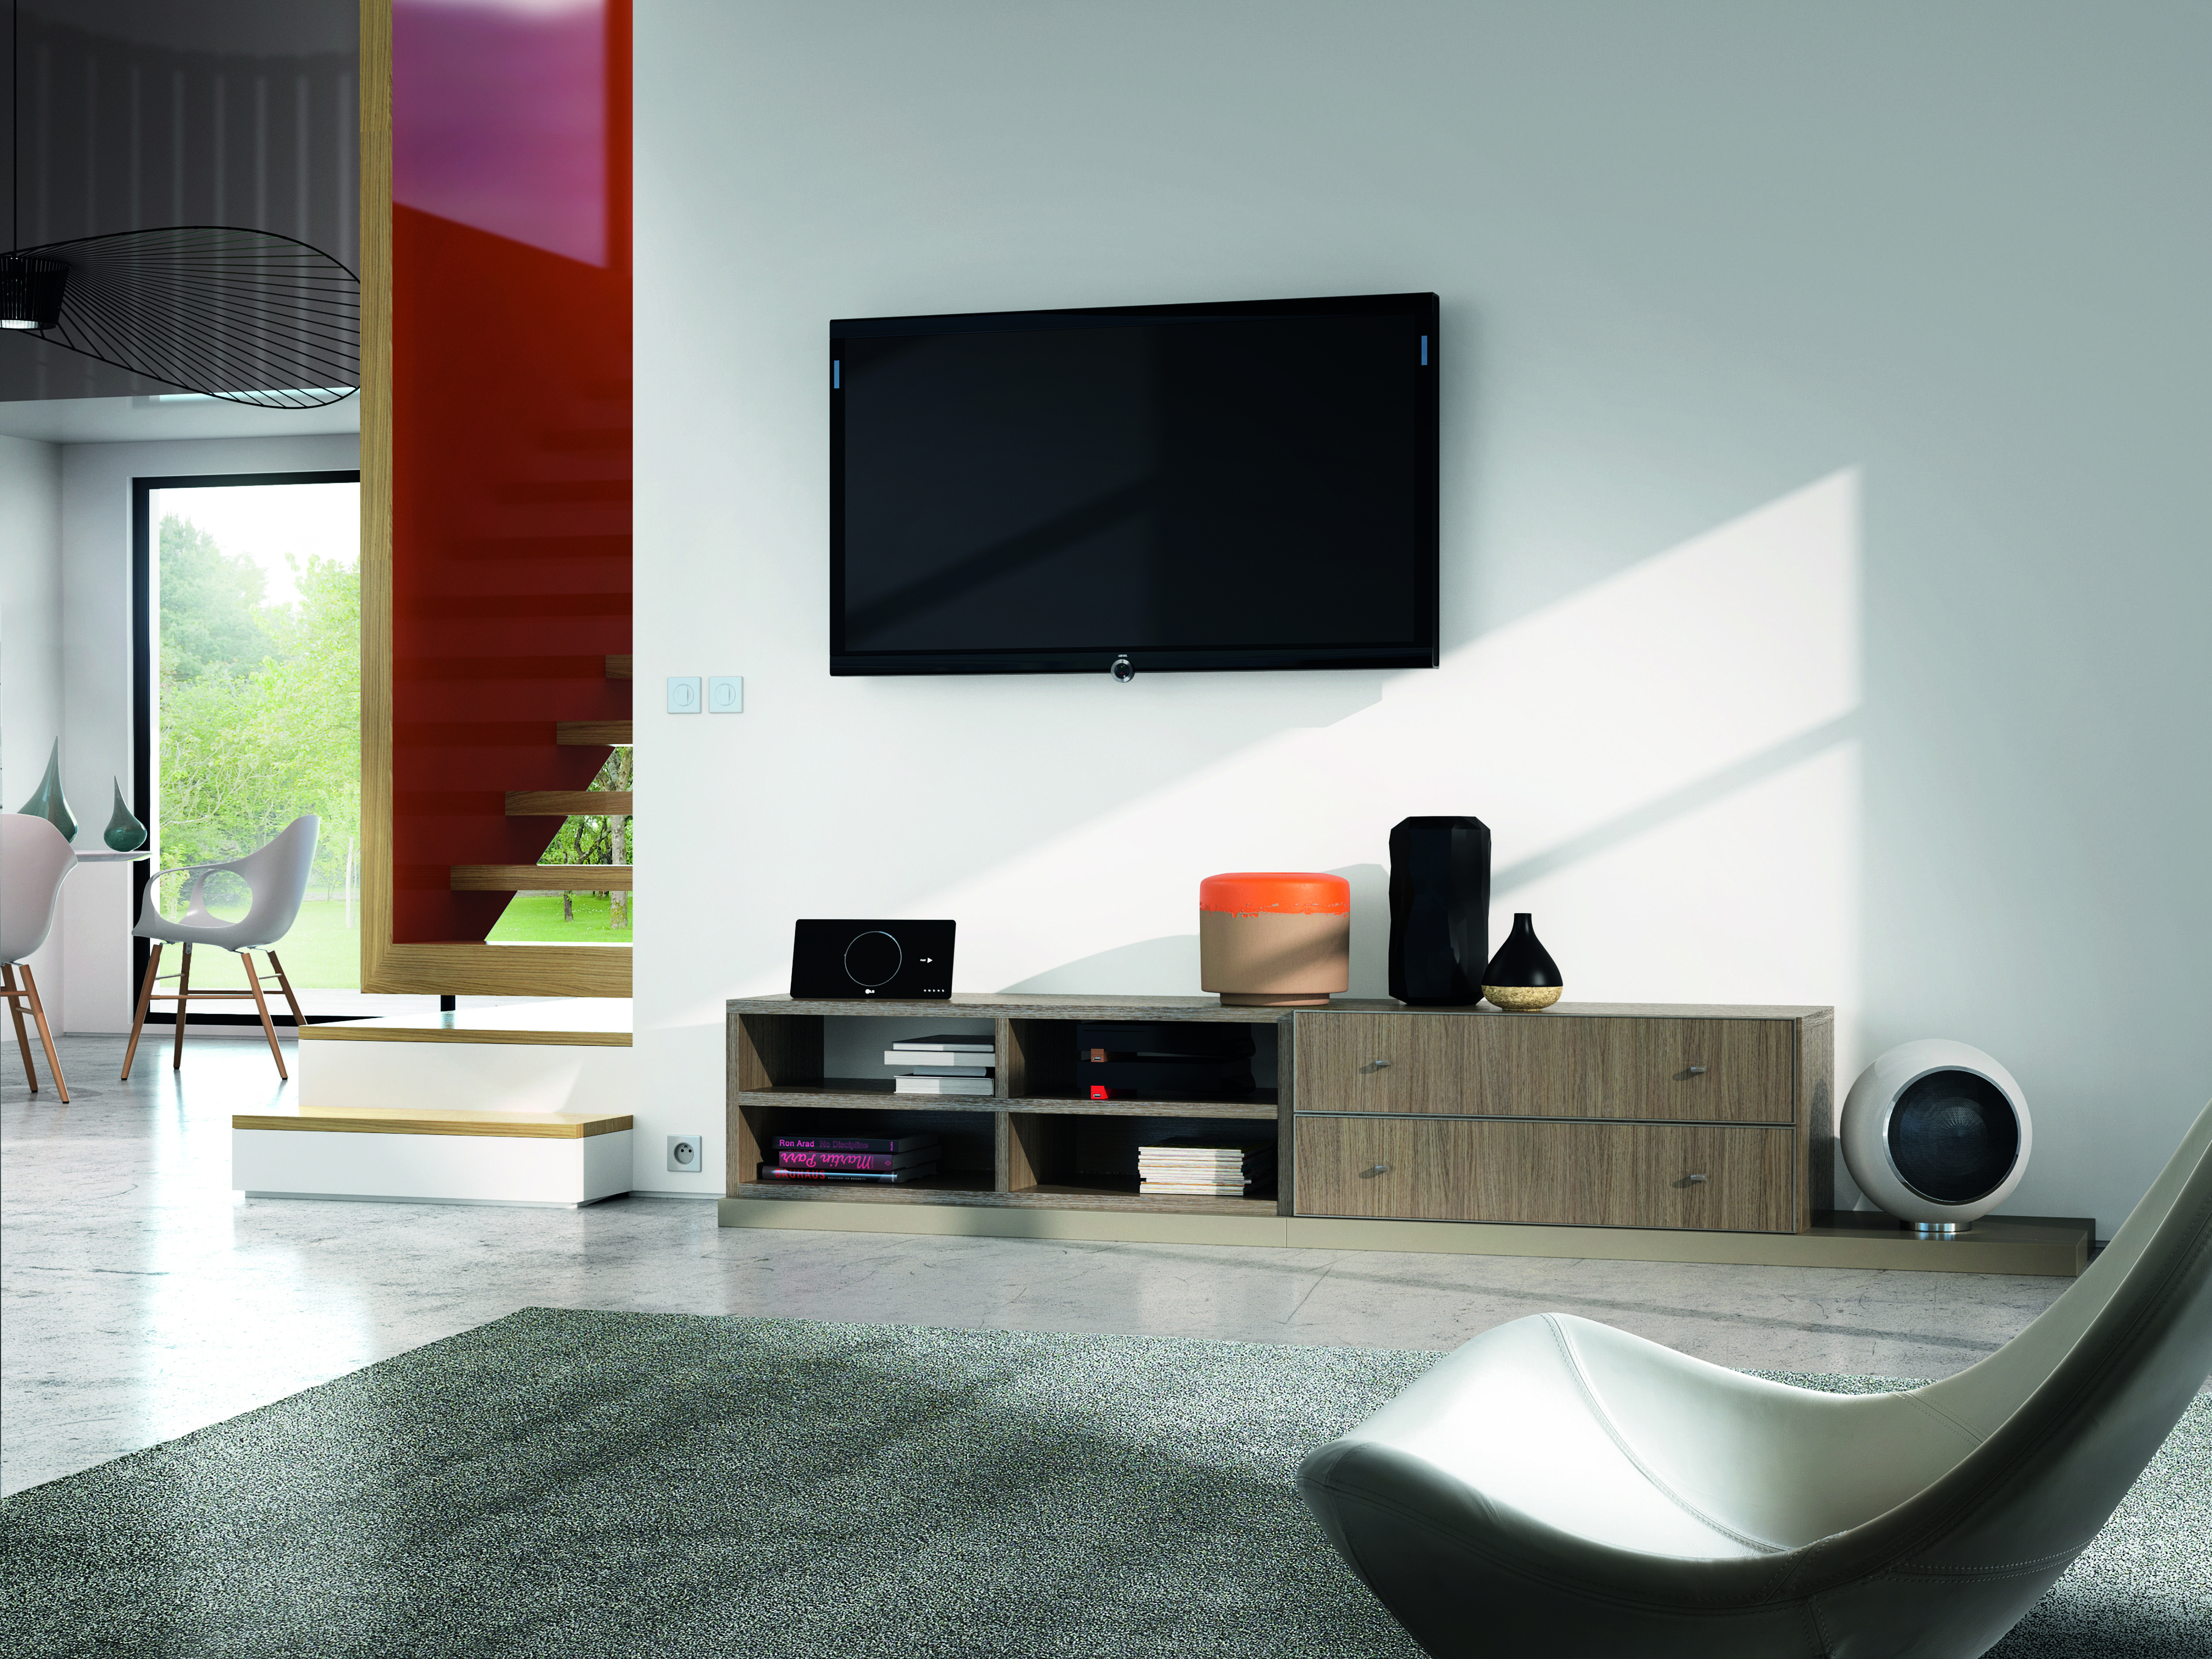 Célio - Meuble Tv Composium | Meubles Et Décoration | Flat intérieur Meuble Monnier